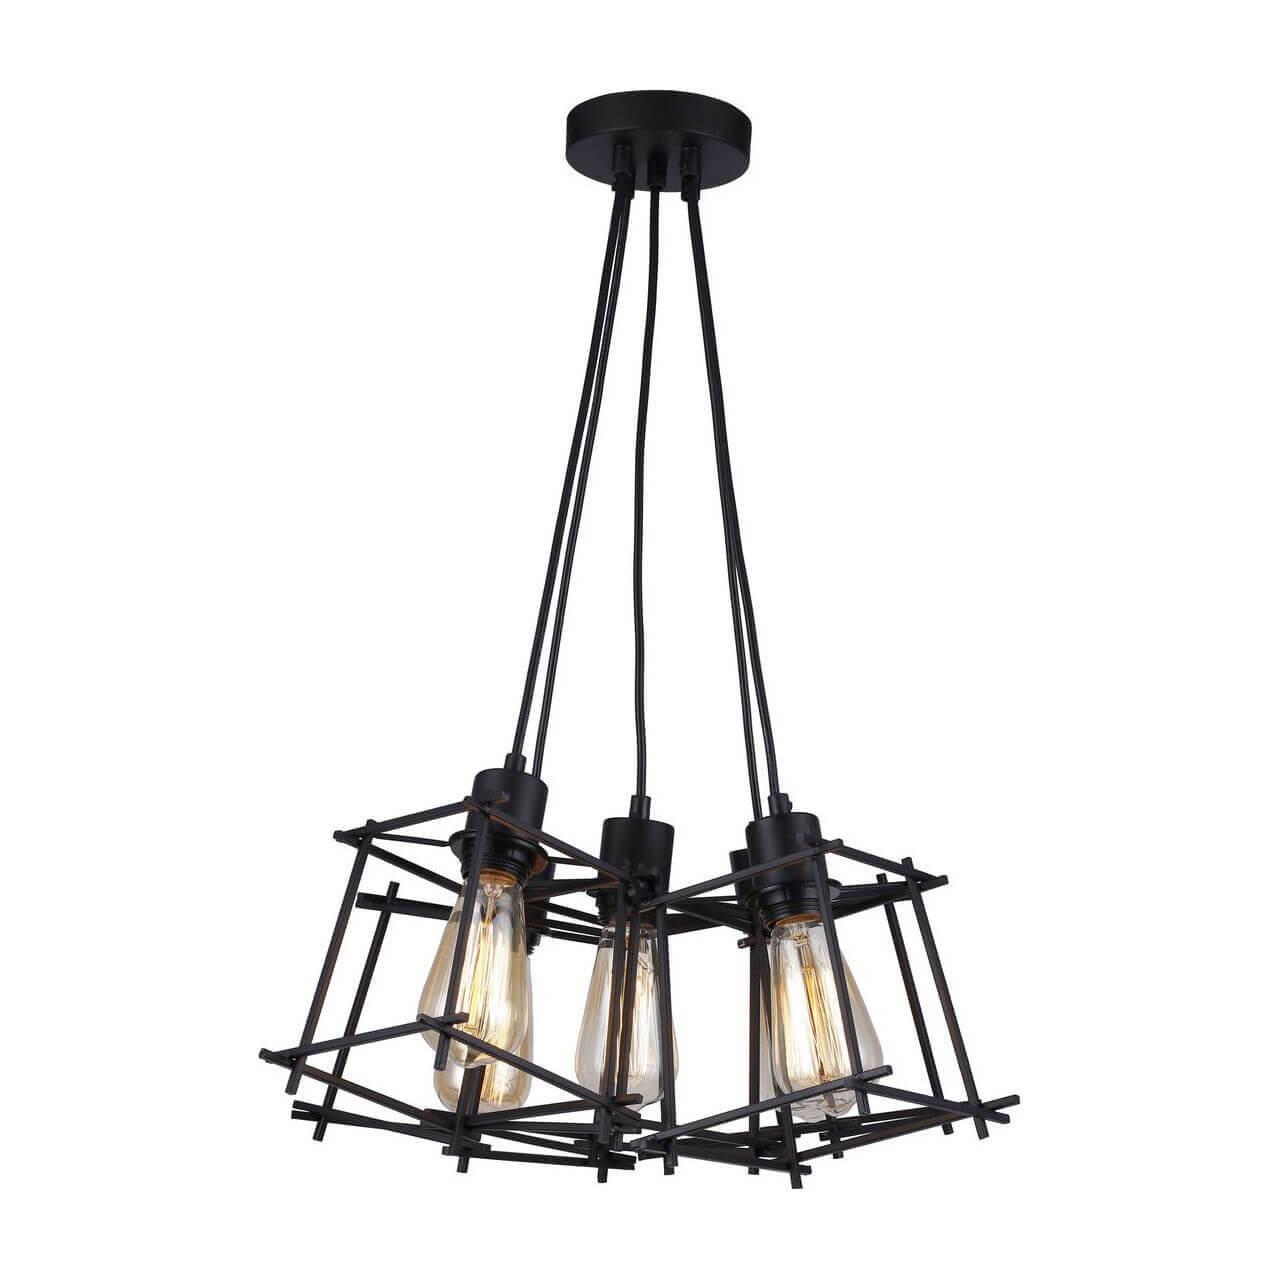 Люстра Arte Lamp A9469SP-5BK 9469 накладная люстра a7144pl 5bk arte lamp